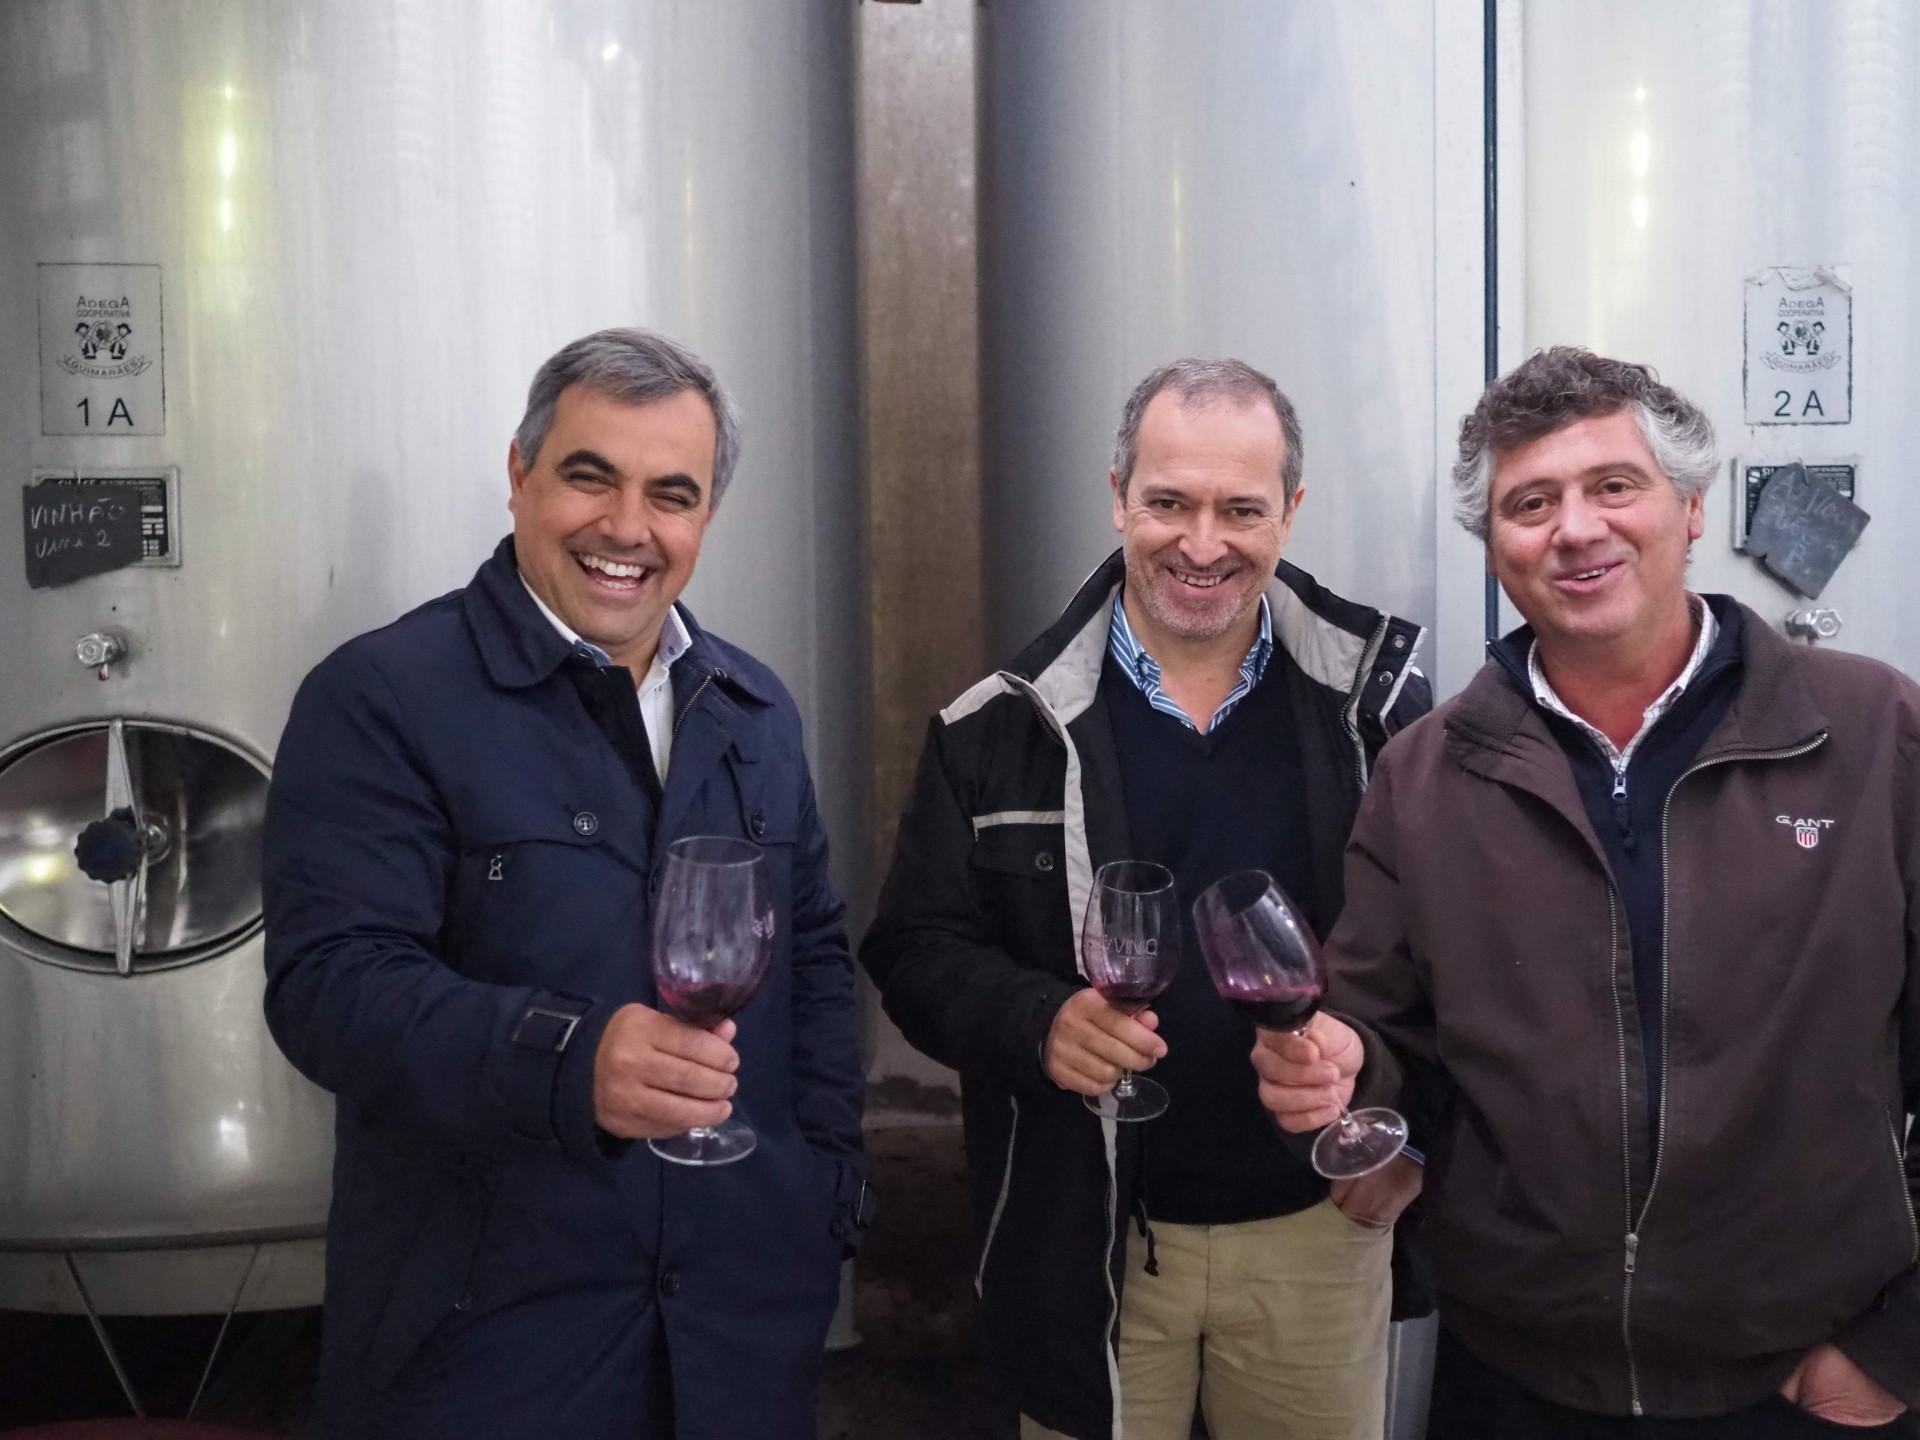 今回の旅のお気に入りベスト10に入るナイスショット!左が醸造家のペドロ、右がオーナーのジョゼ、真ん中がカルロス